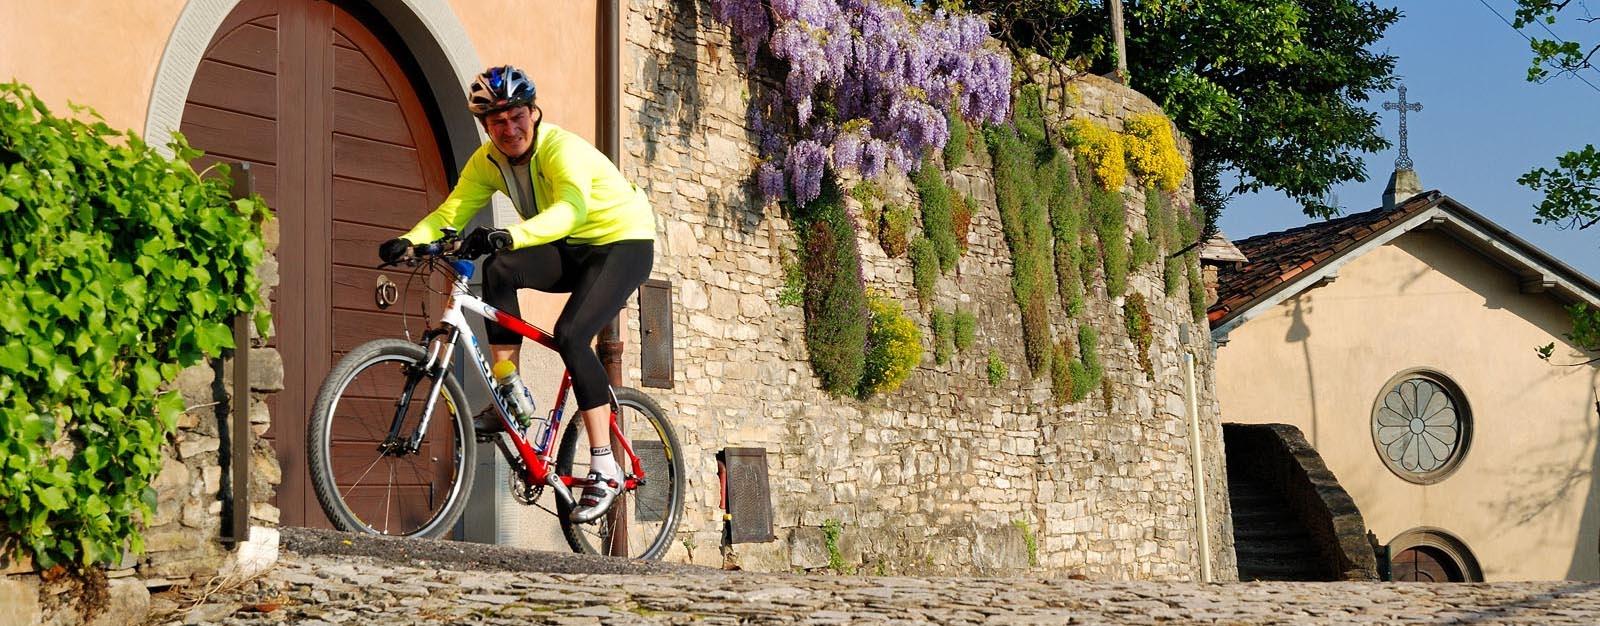 In bici nella provincia di Bergamo - by Visit Bergamo